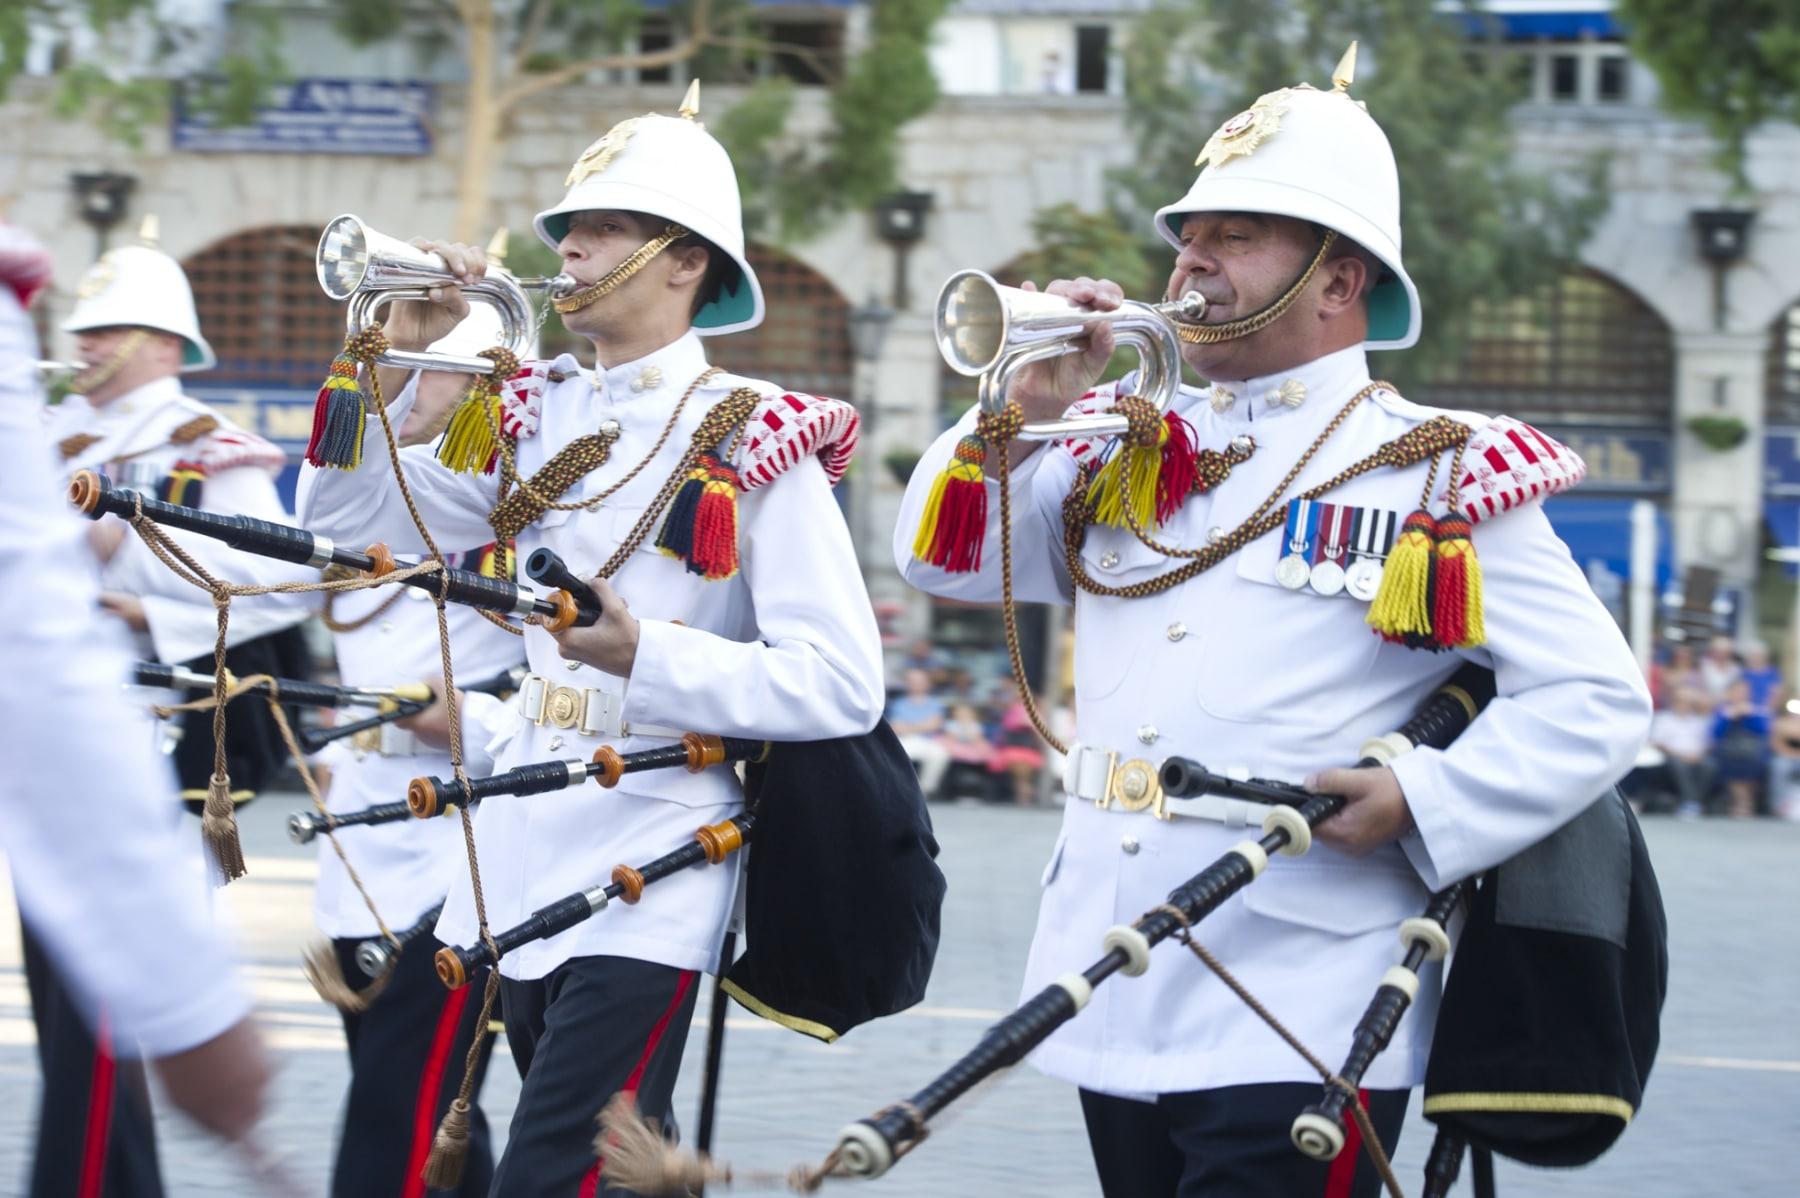 ceremonia-de-las-llaves-gibraltar-25092014-01_15171091839_o